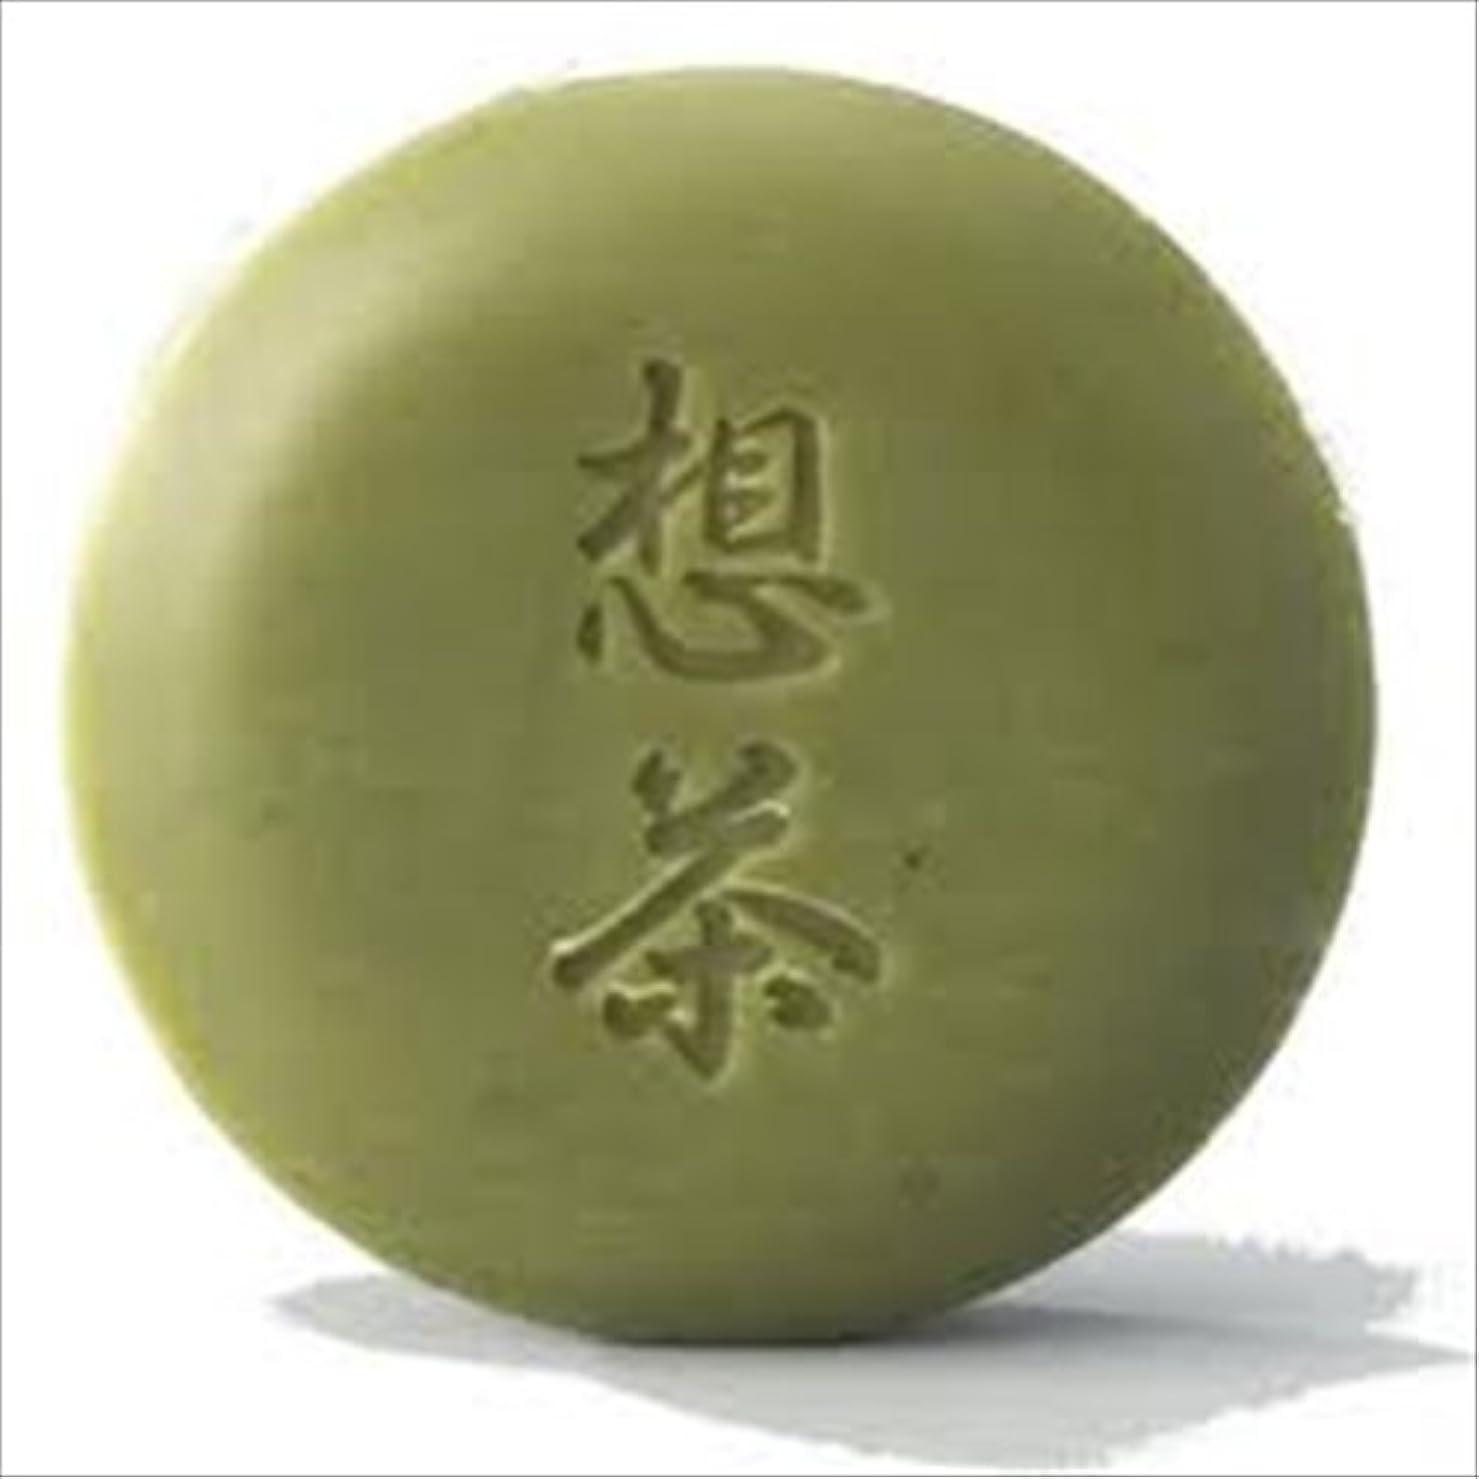 そばにビタミンほんの静岡茶粉末入 想茶石鹸